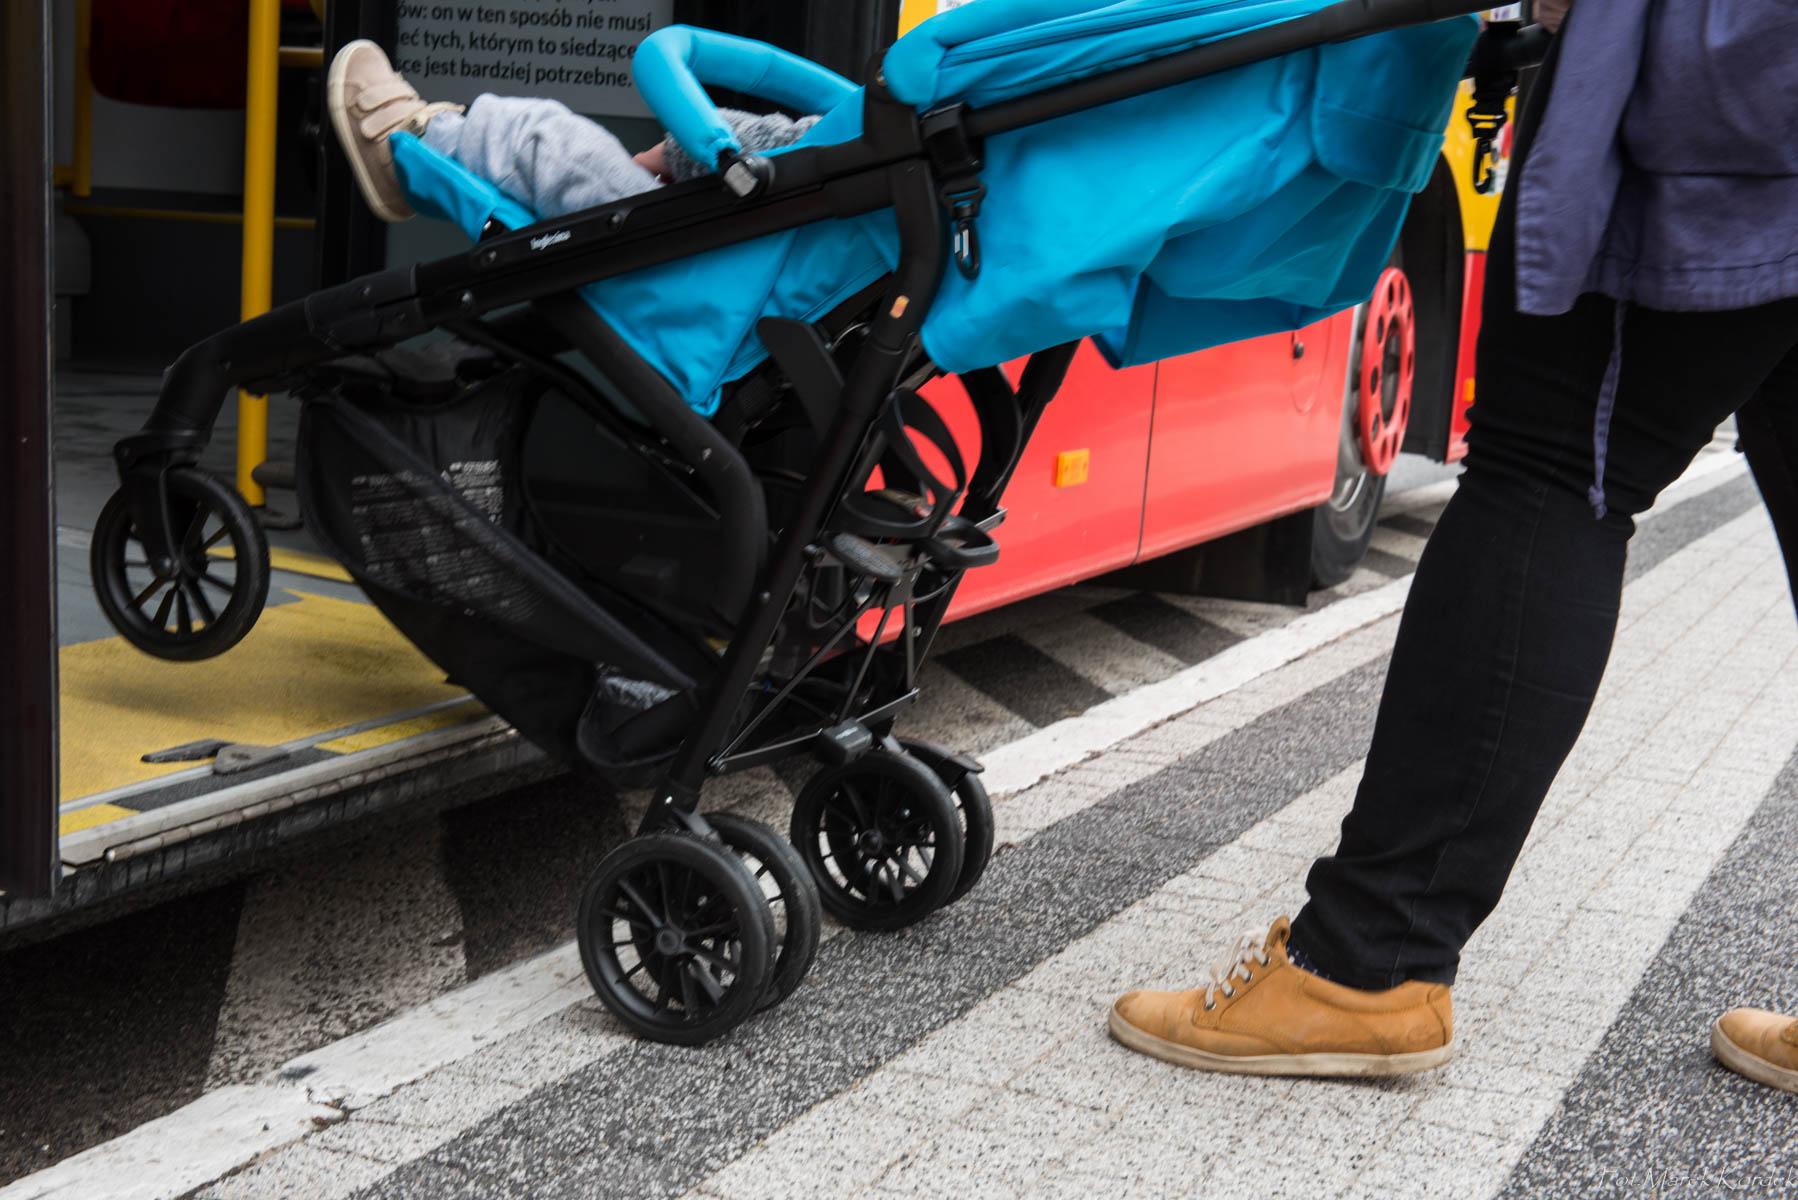 jak bezpiecznie przewozić wózek w autobusie wysiadanie z wózkiem